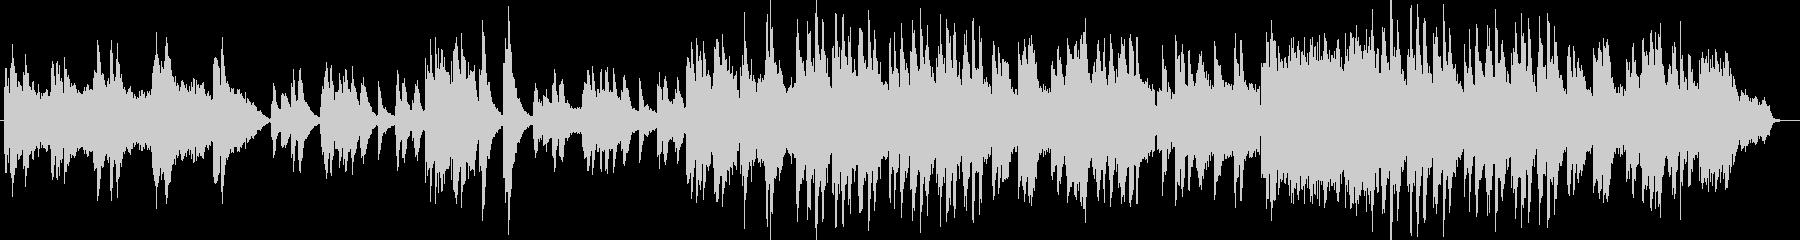 感動的でスローテンポなピアノの楽曲の未再生の波形